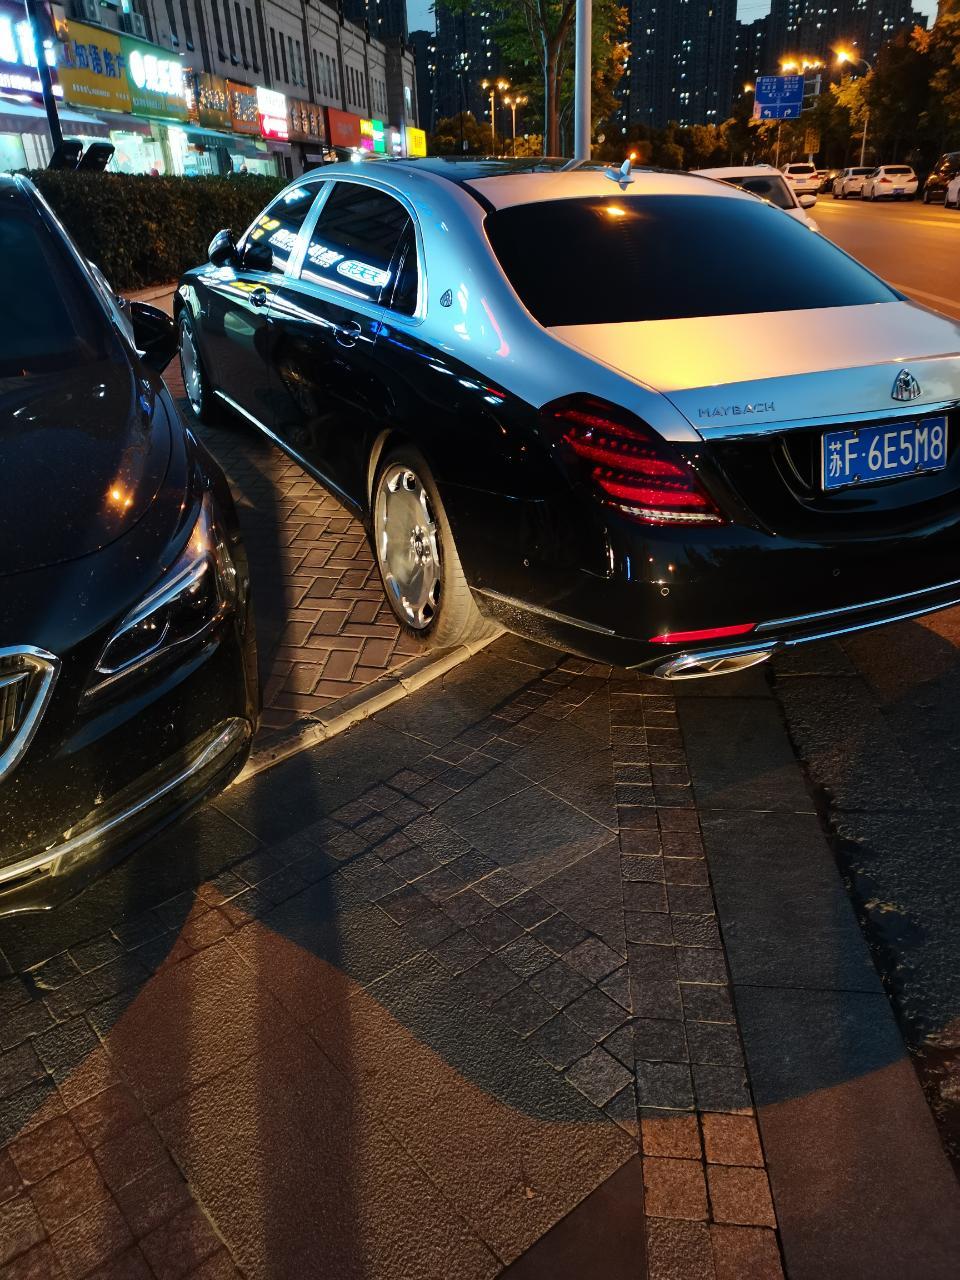 南通居安路偶遇双色版迈巴赫S560,个性轮毂非常亮眼!